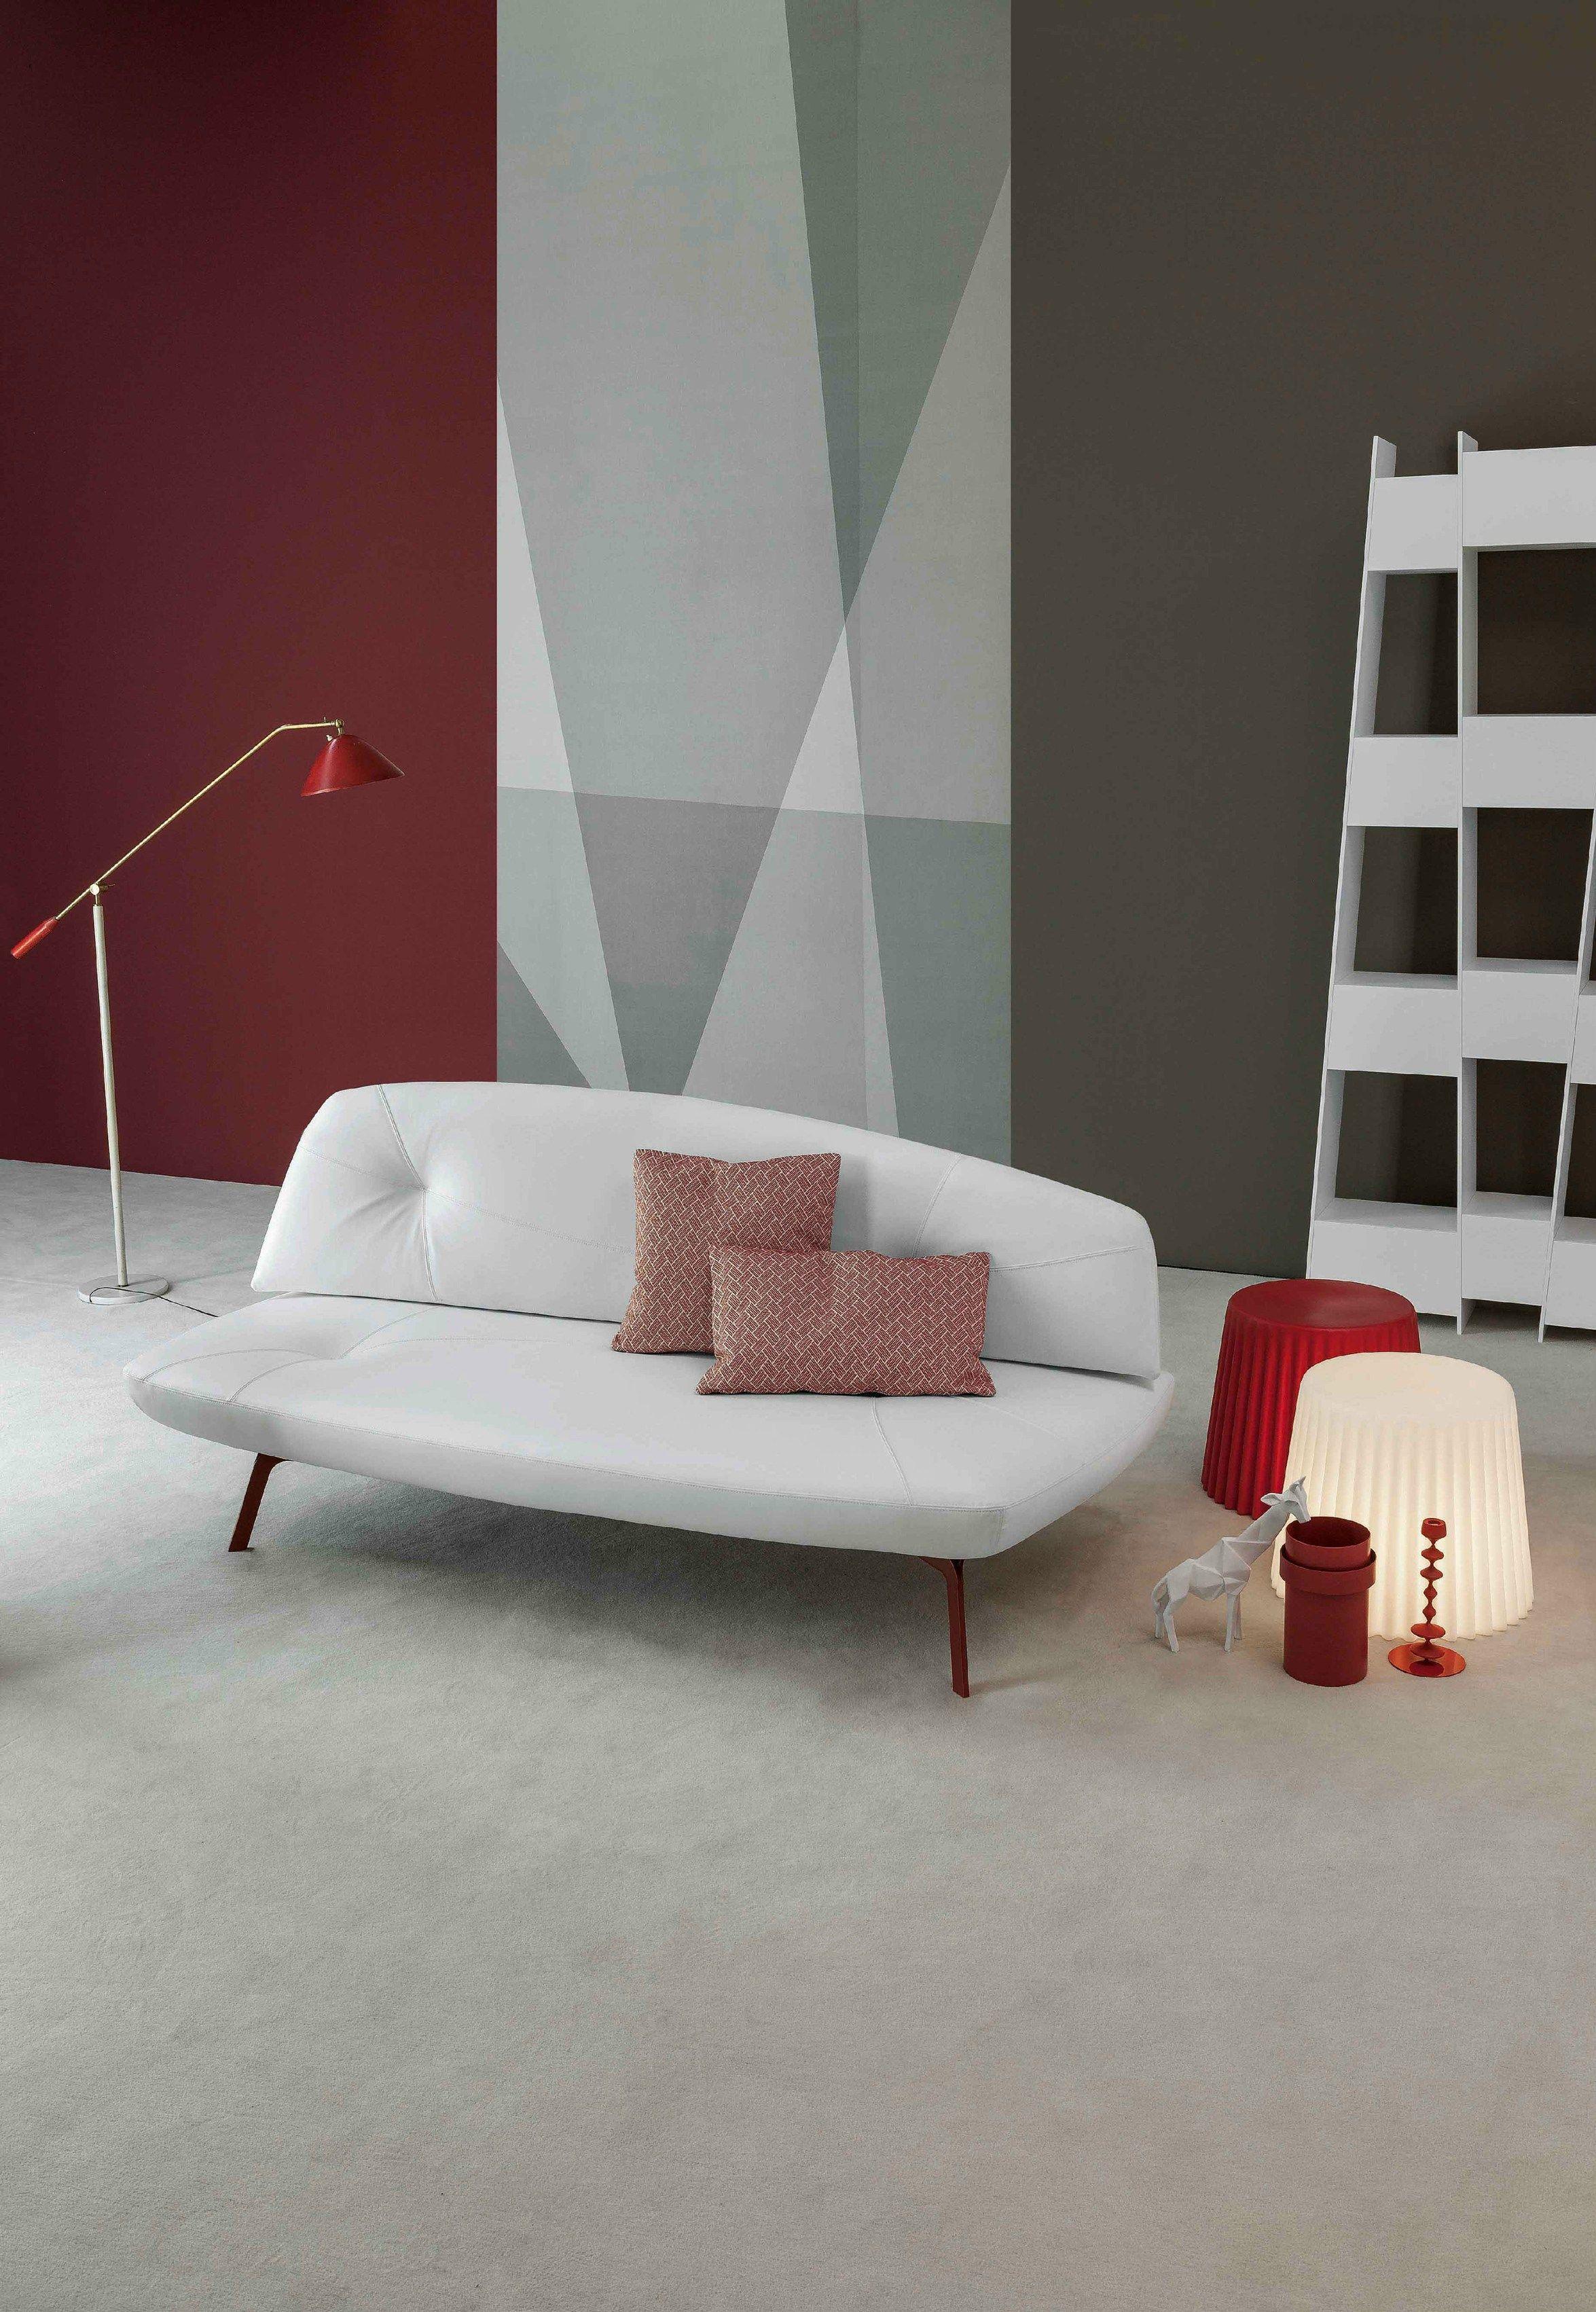 Divano letto trasformabile in tessuto BANDY by Bonaldo   design Pier ...